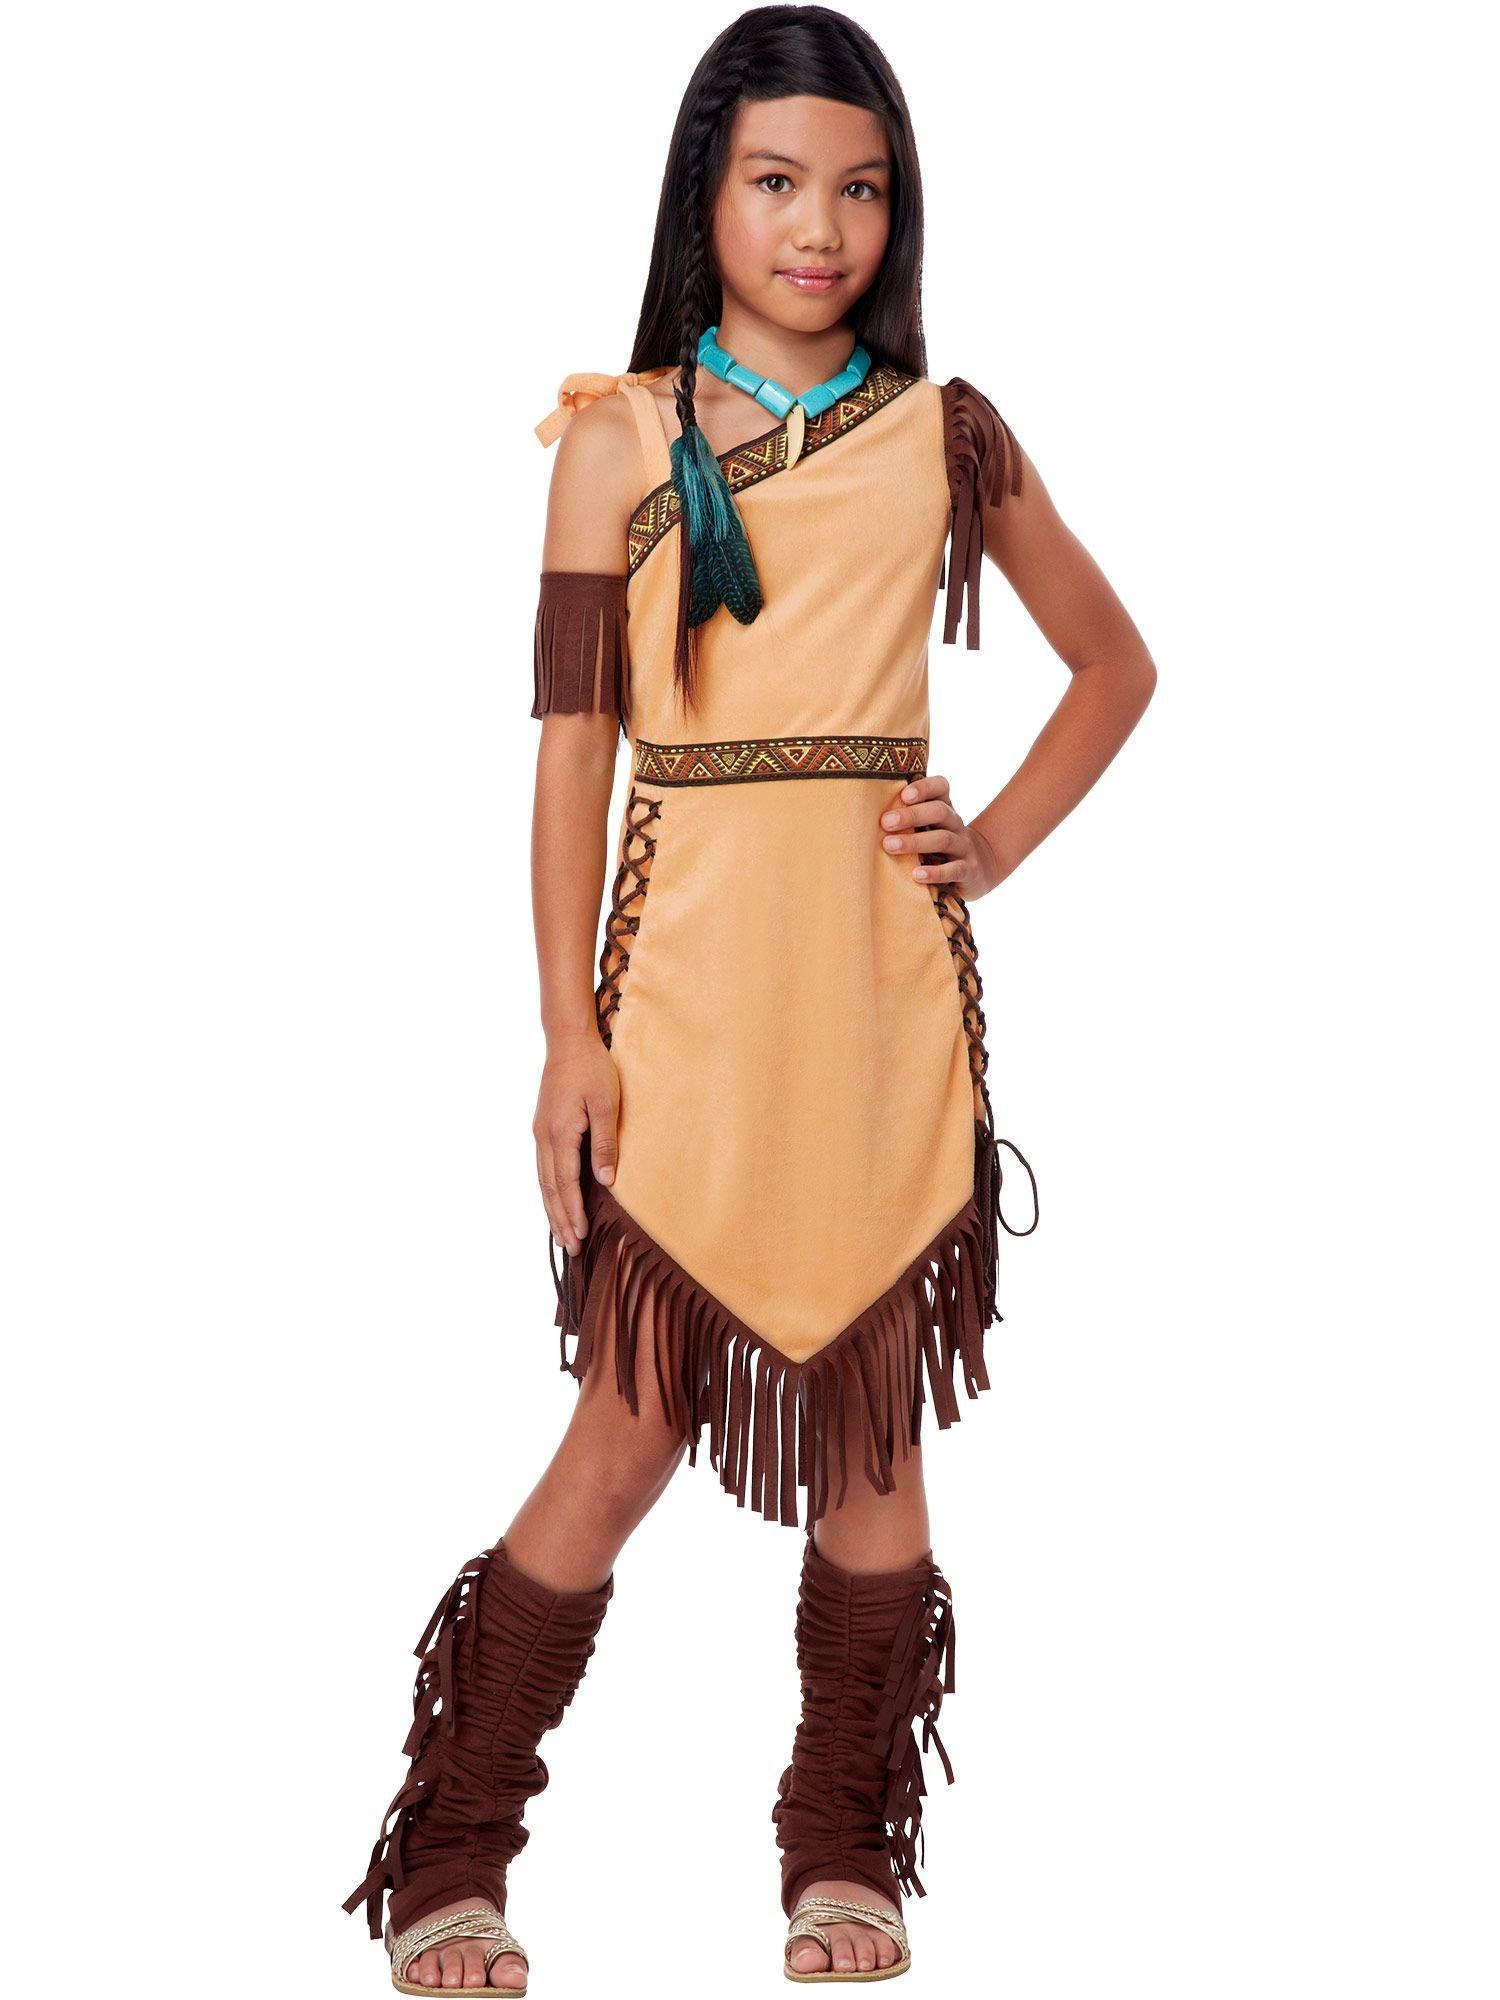 Native American Princess Costume - Small